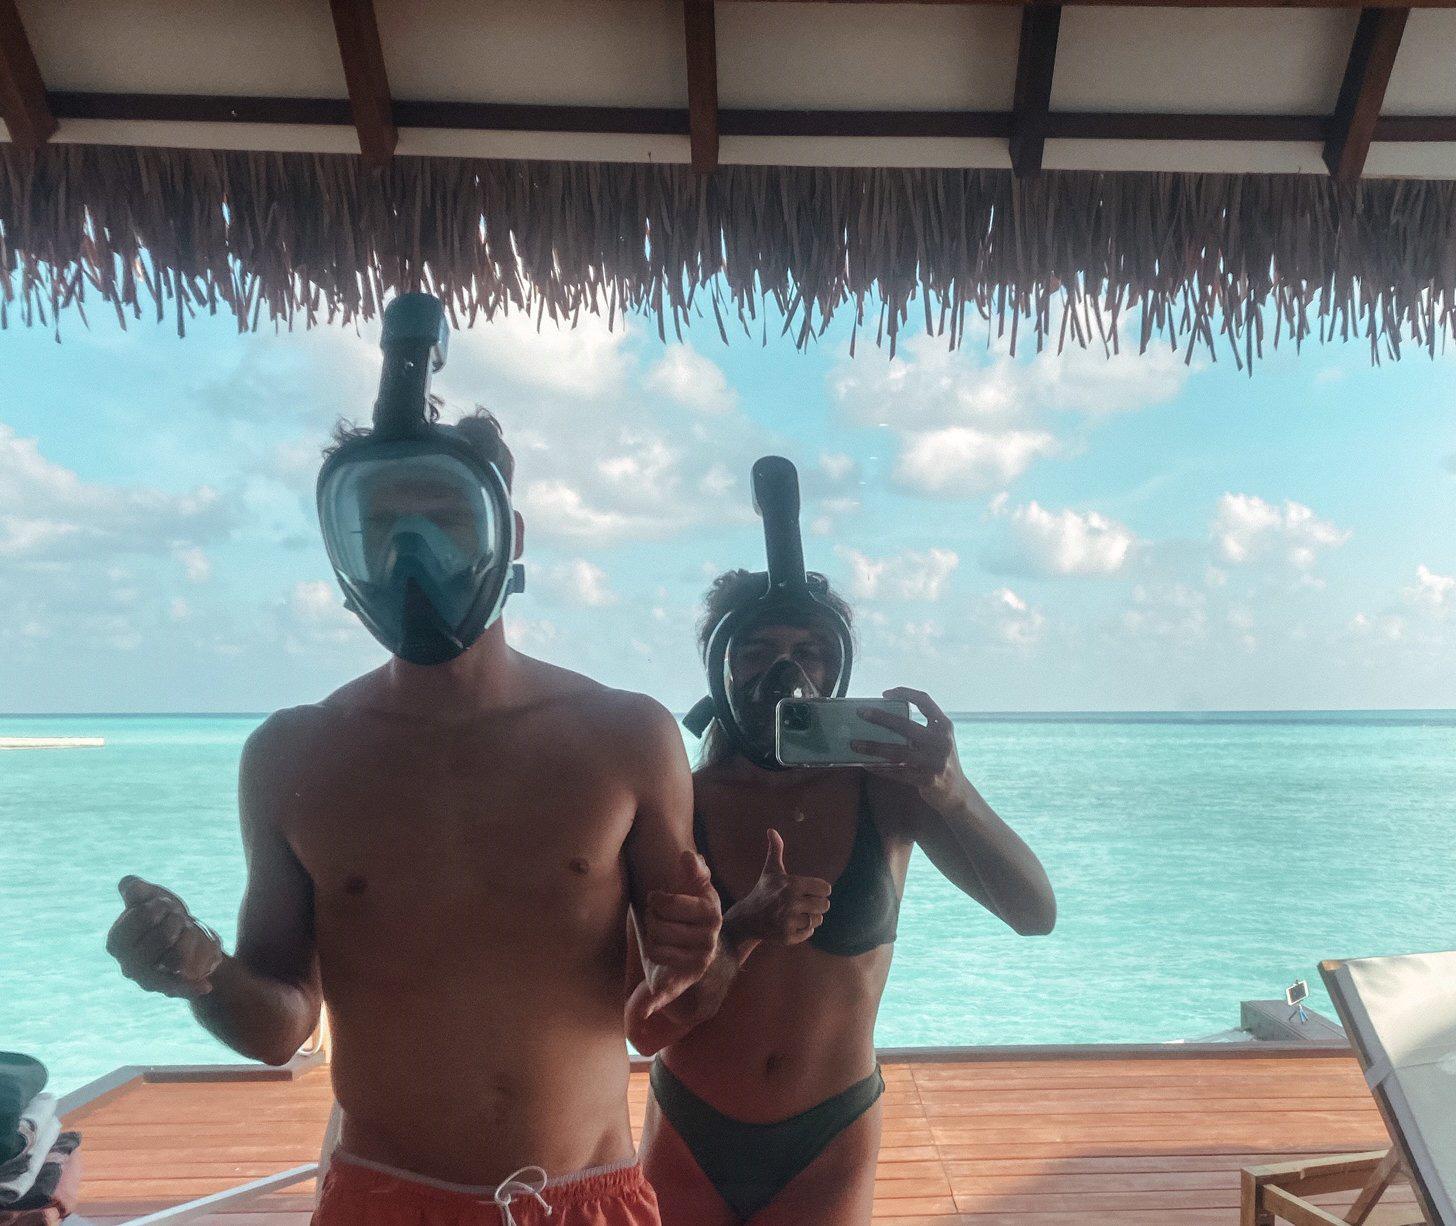 """Vẫn đi tuần trăng mật ở Maldives giữa mùa Covid-19, cặp đôi mới cưới bị mắc kẹt trên """"hòn đảo thiên đường"""" chưa biết ngày về - Ảnh 1."""